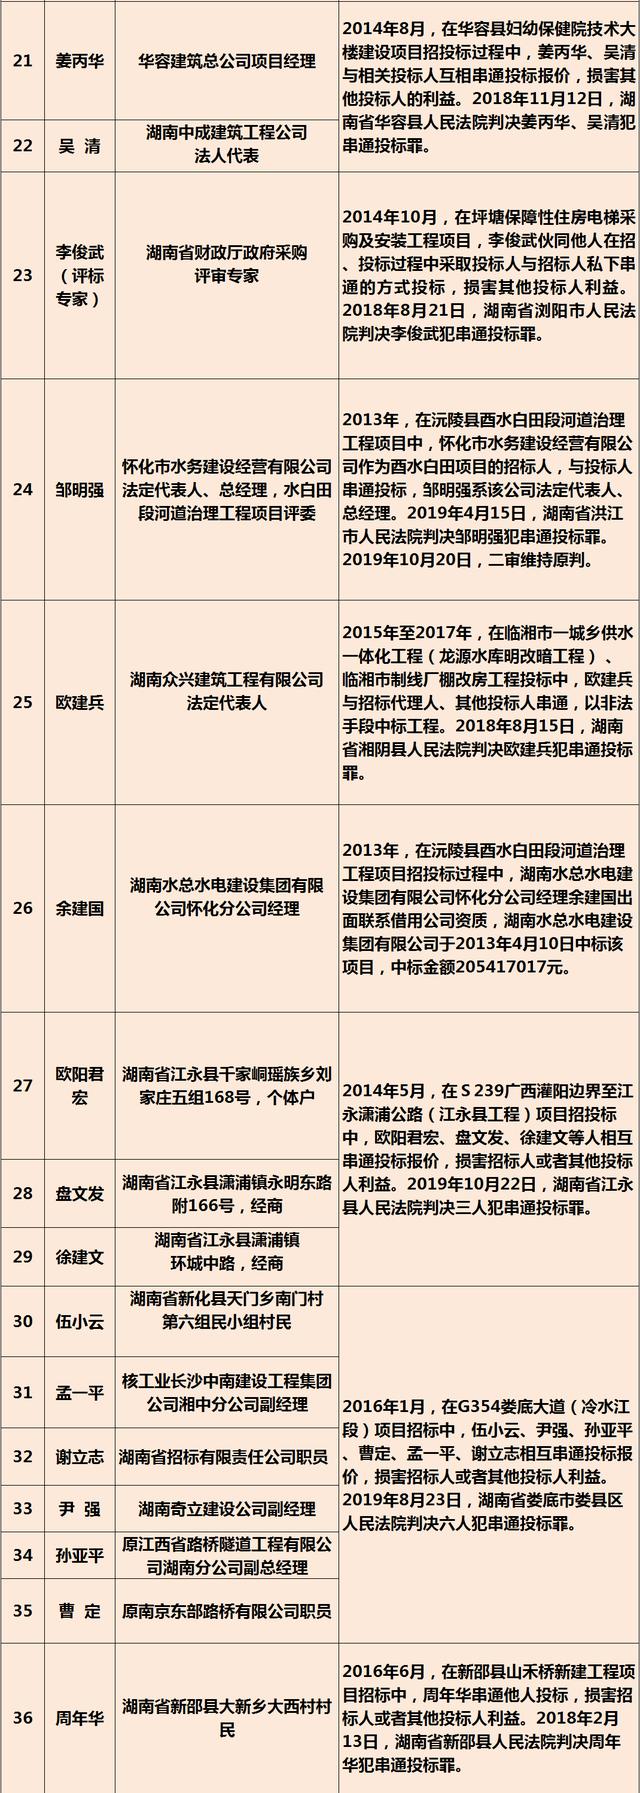 黑名单 | 湖南省对招投标失信违法行为加大了惩戒力度